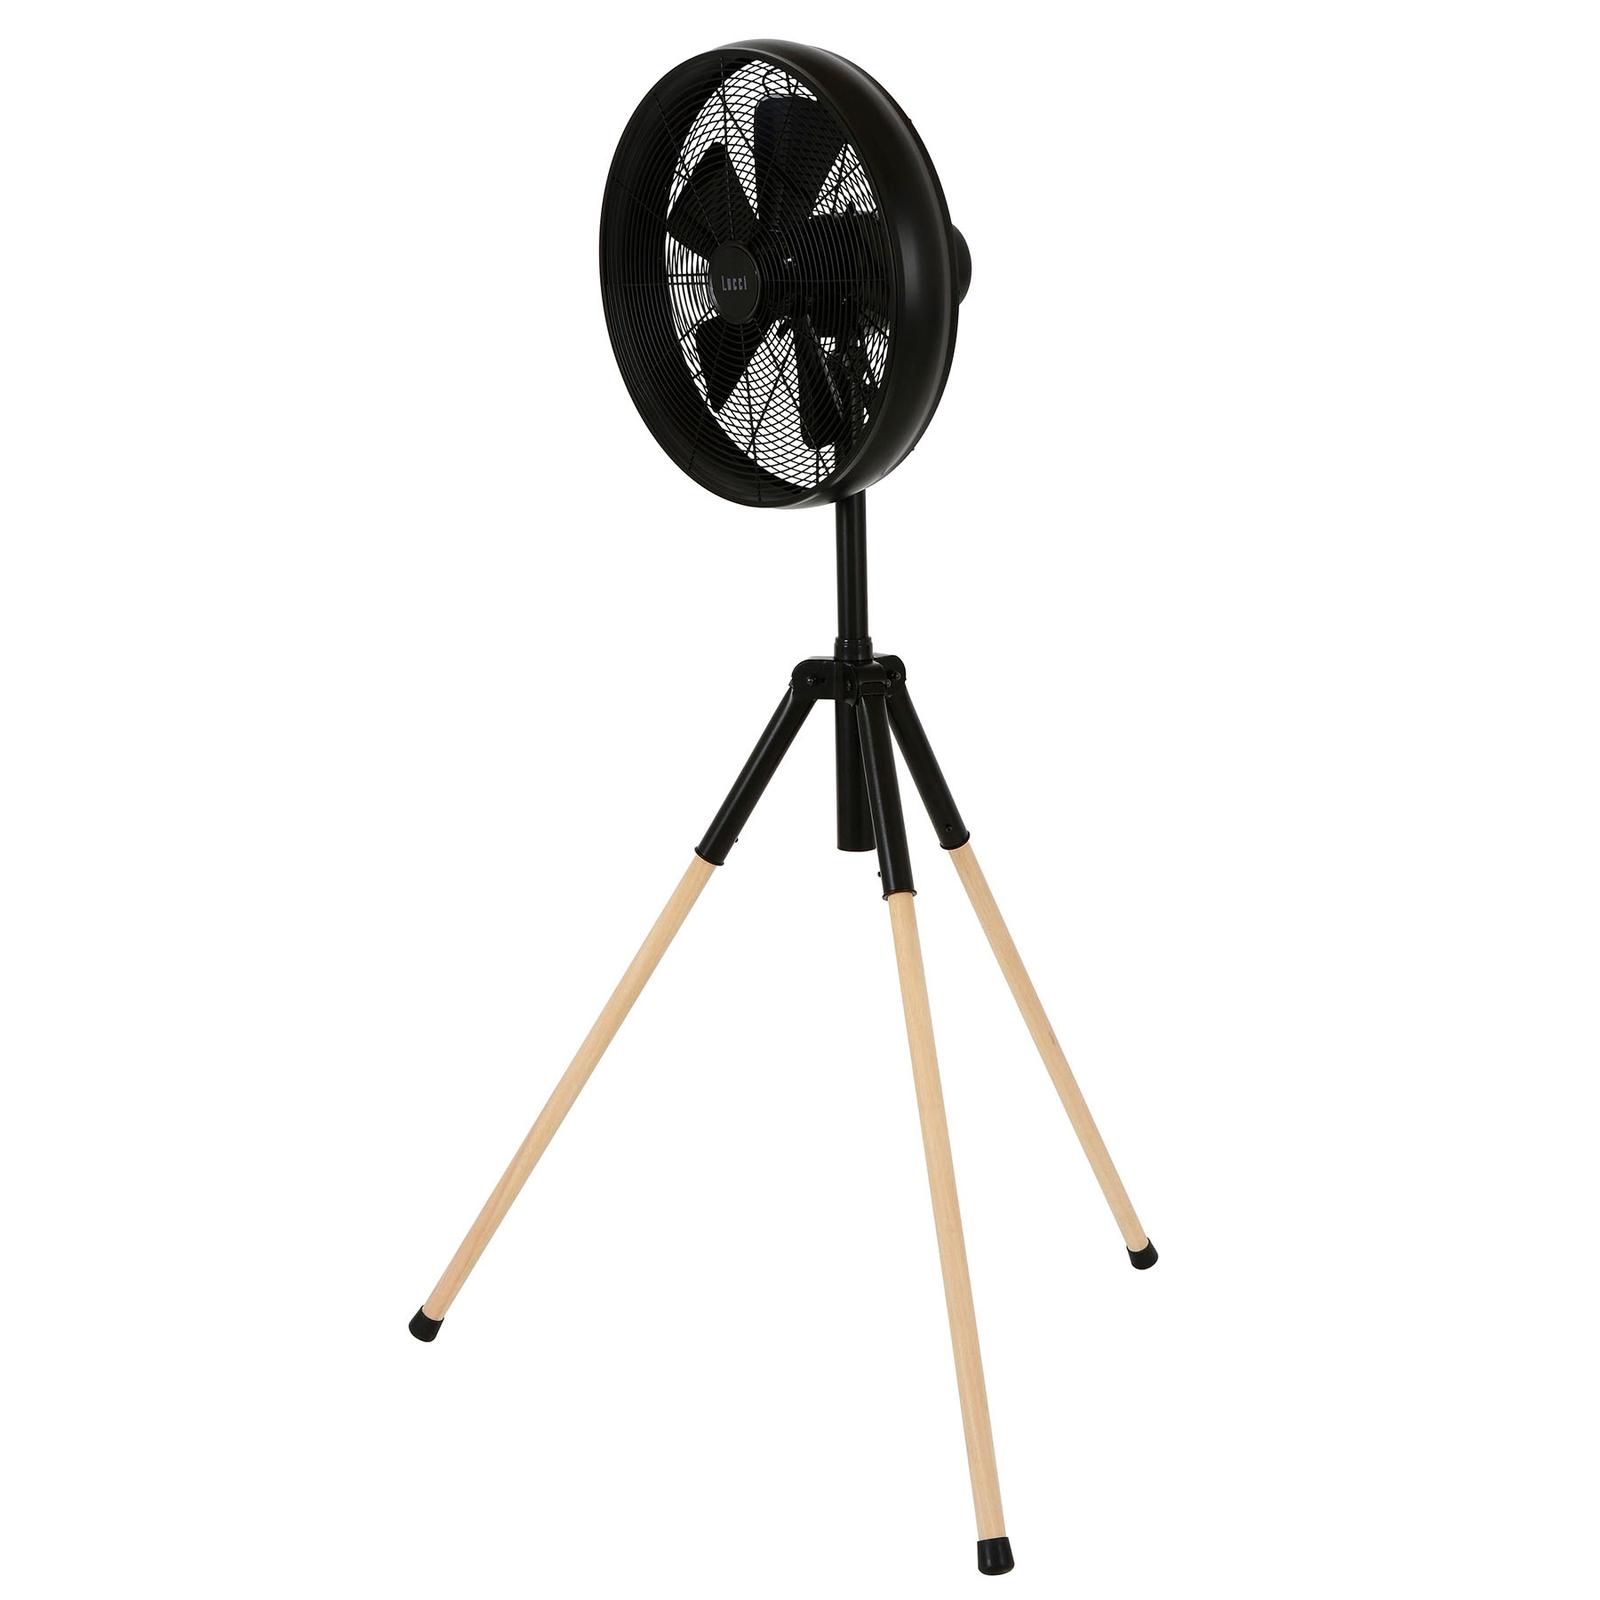 Wentylator stojący Breeze 153cm, trójnóg, czarny